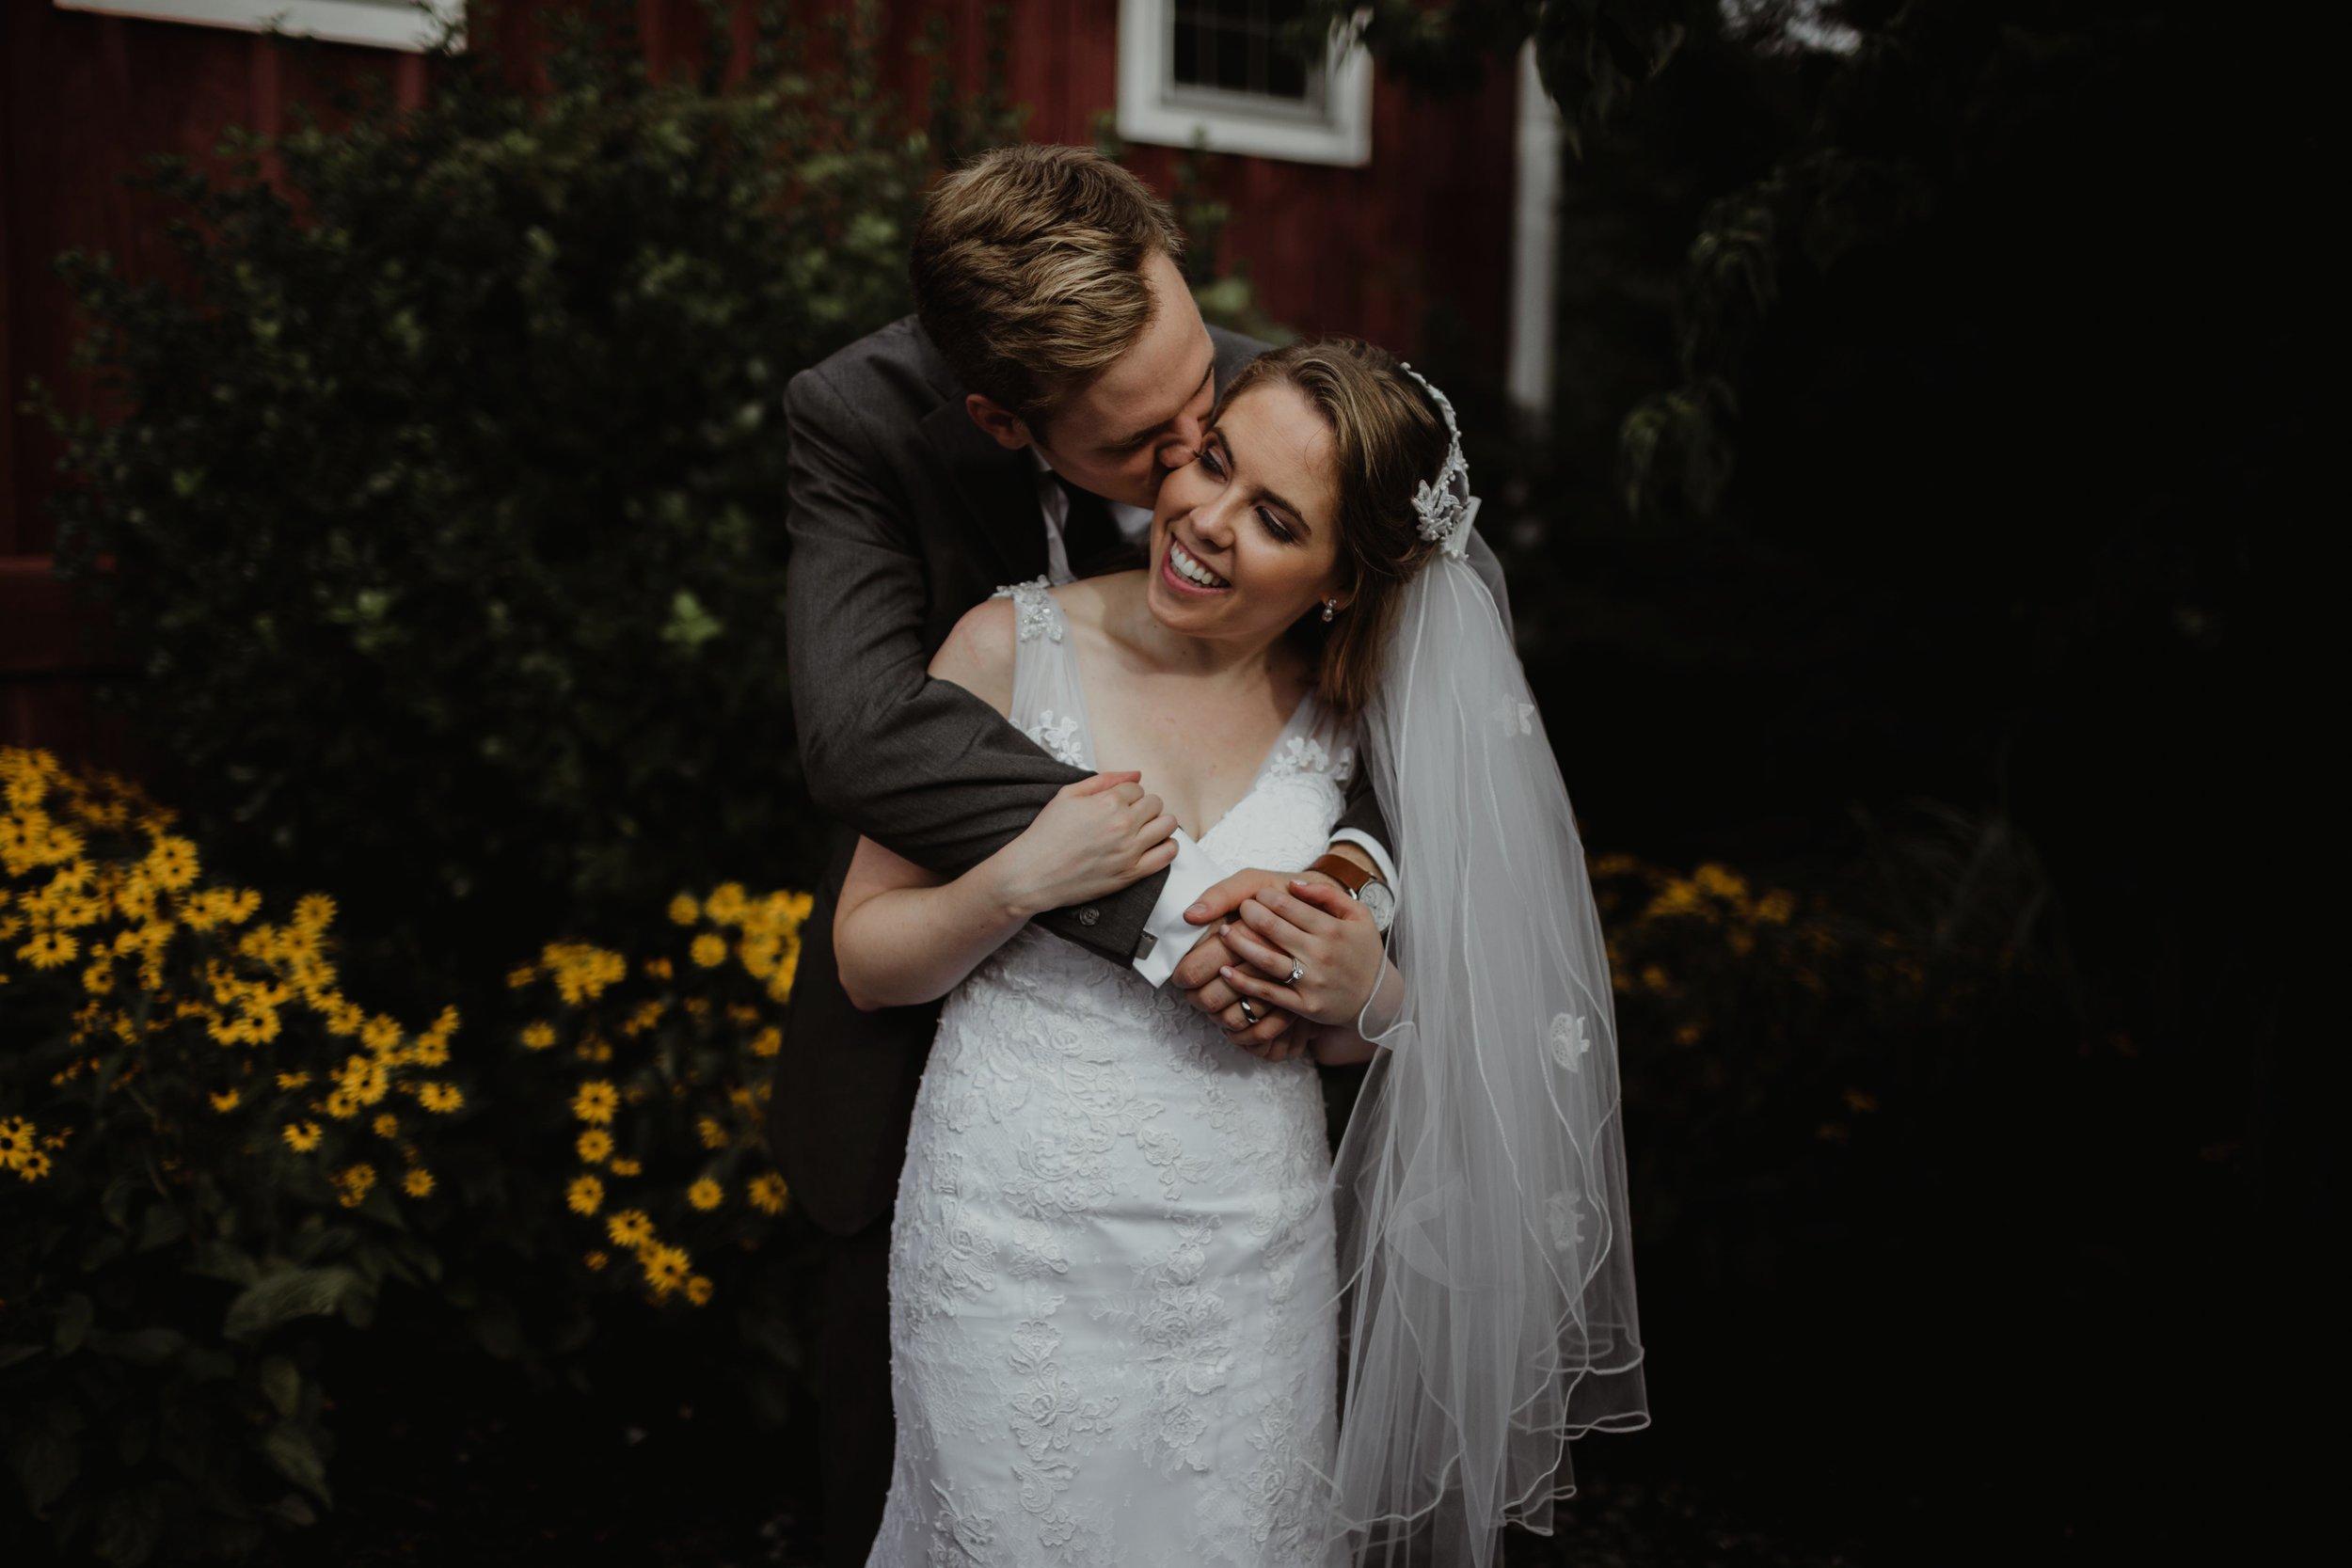 ALICIAandPETER-bridegroom (176 of 254).jpg